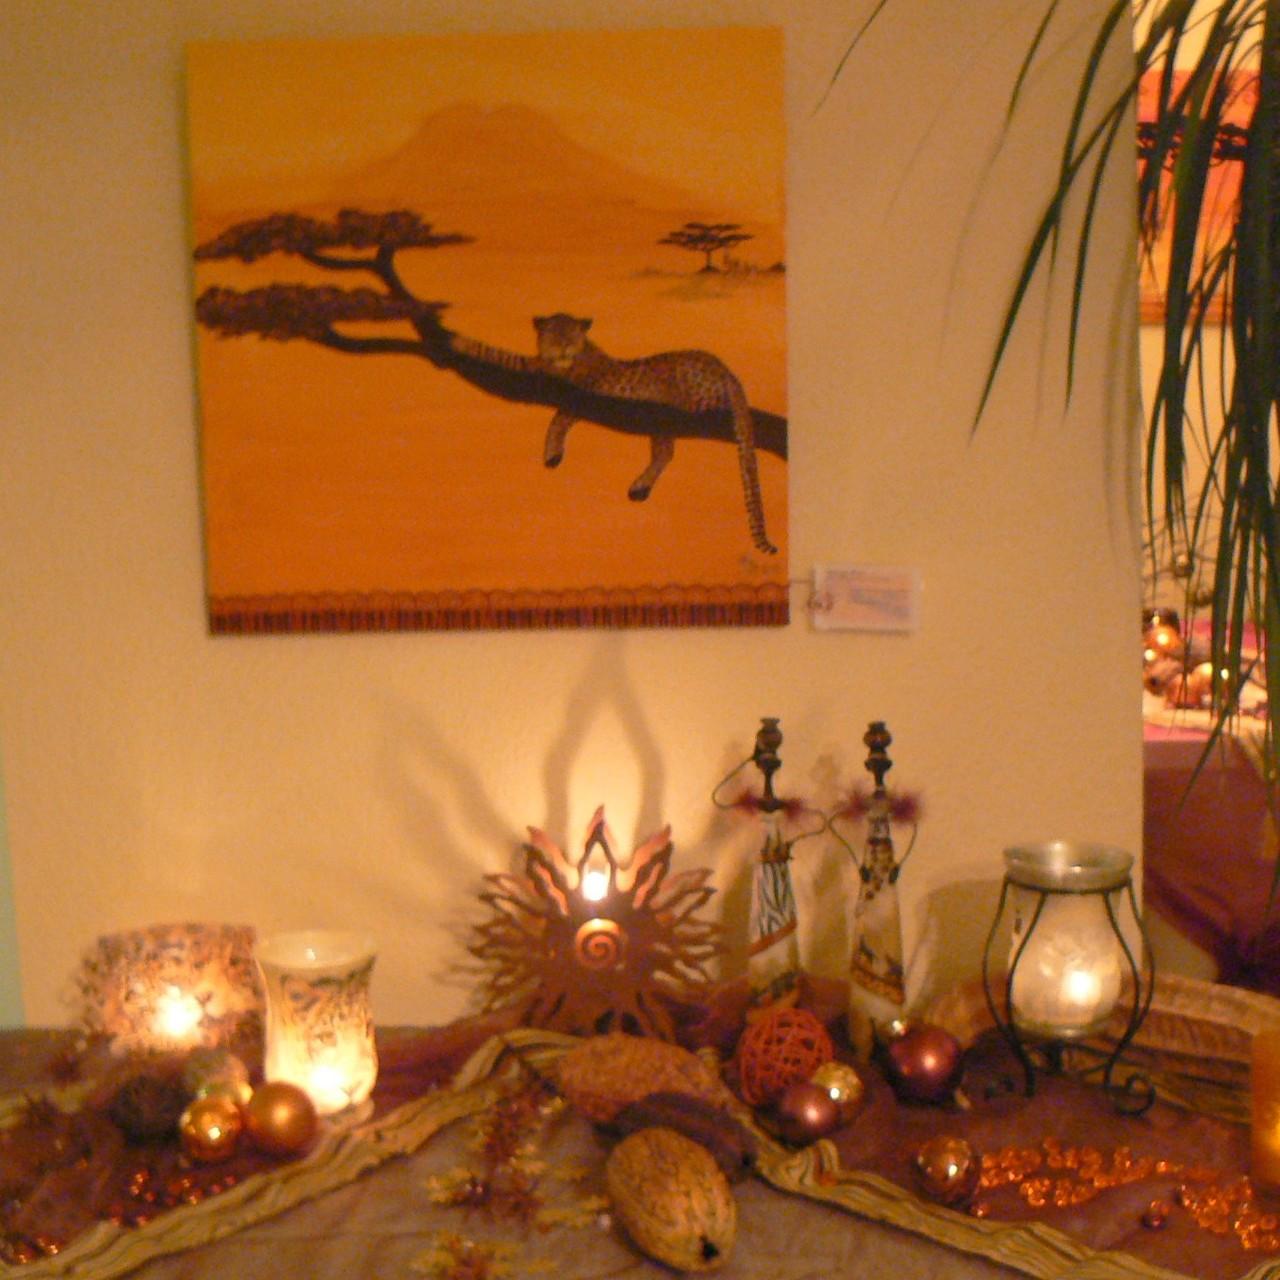 2006, Kosmetikstudio, Karlsruhe